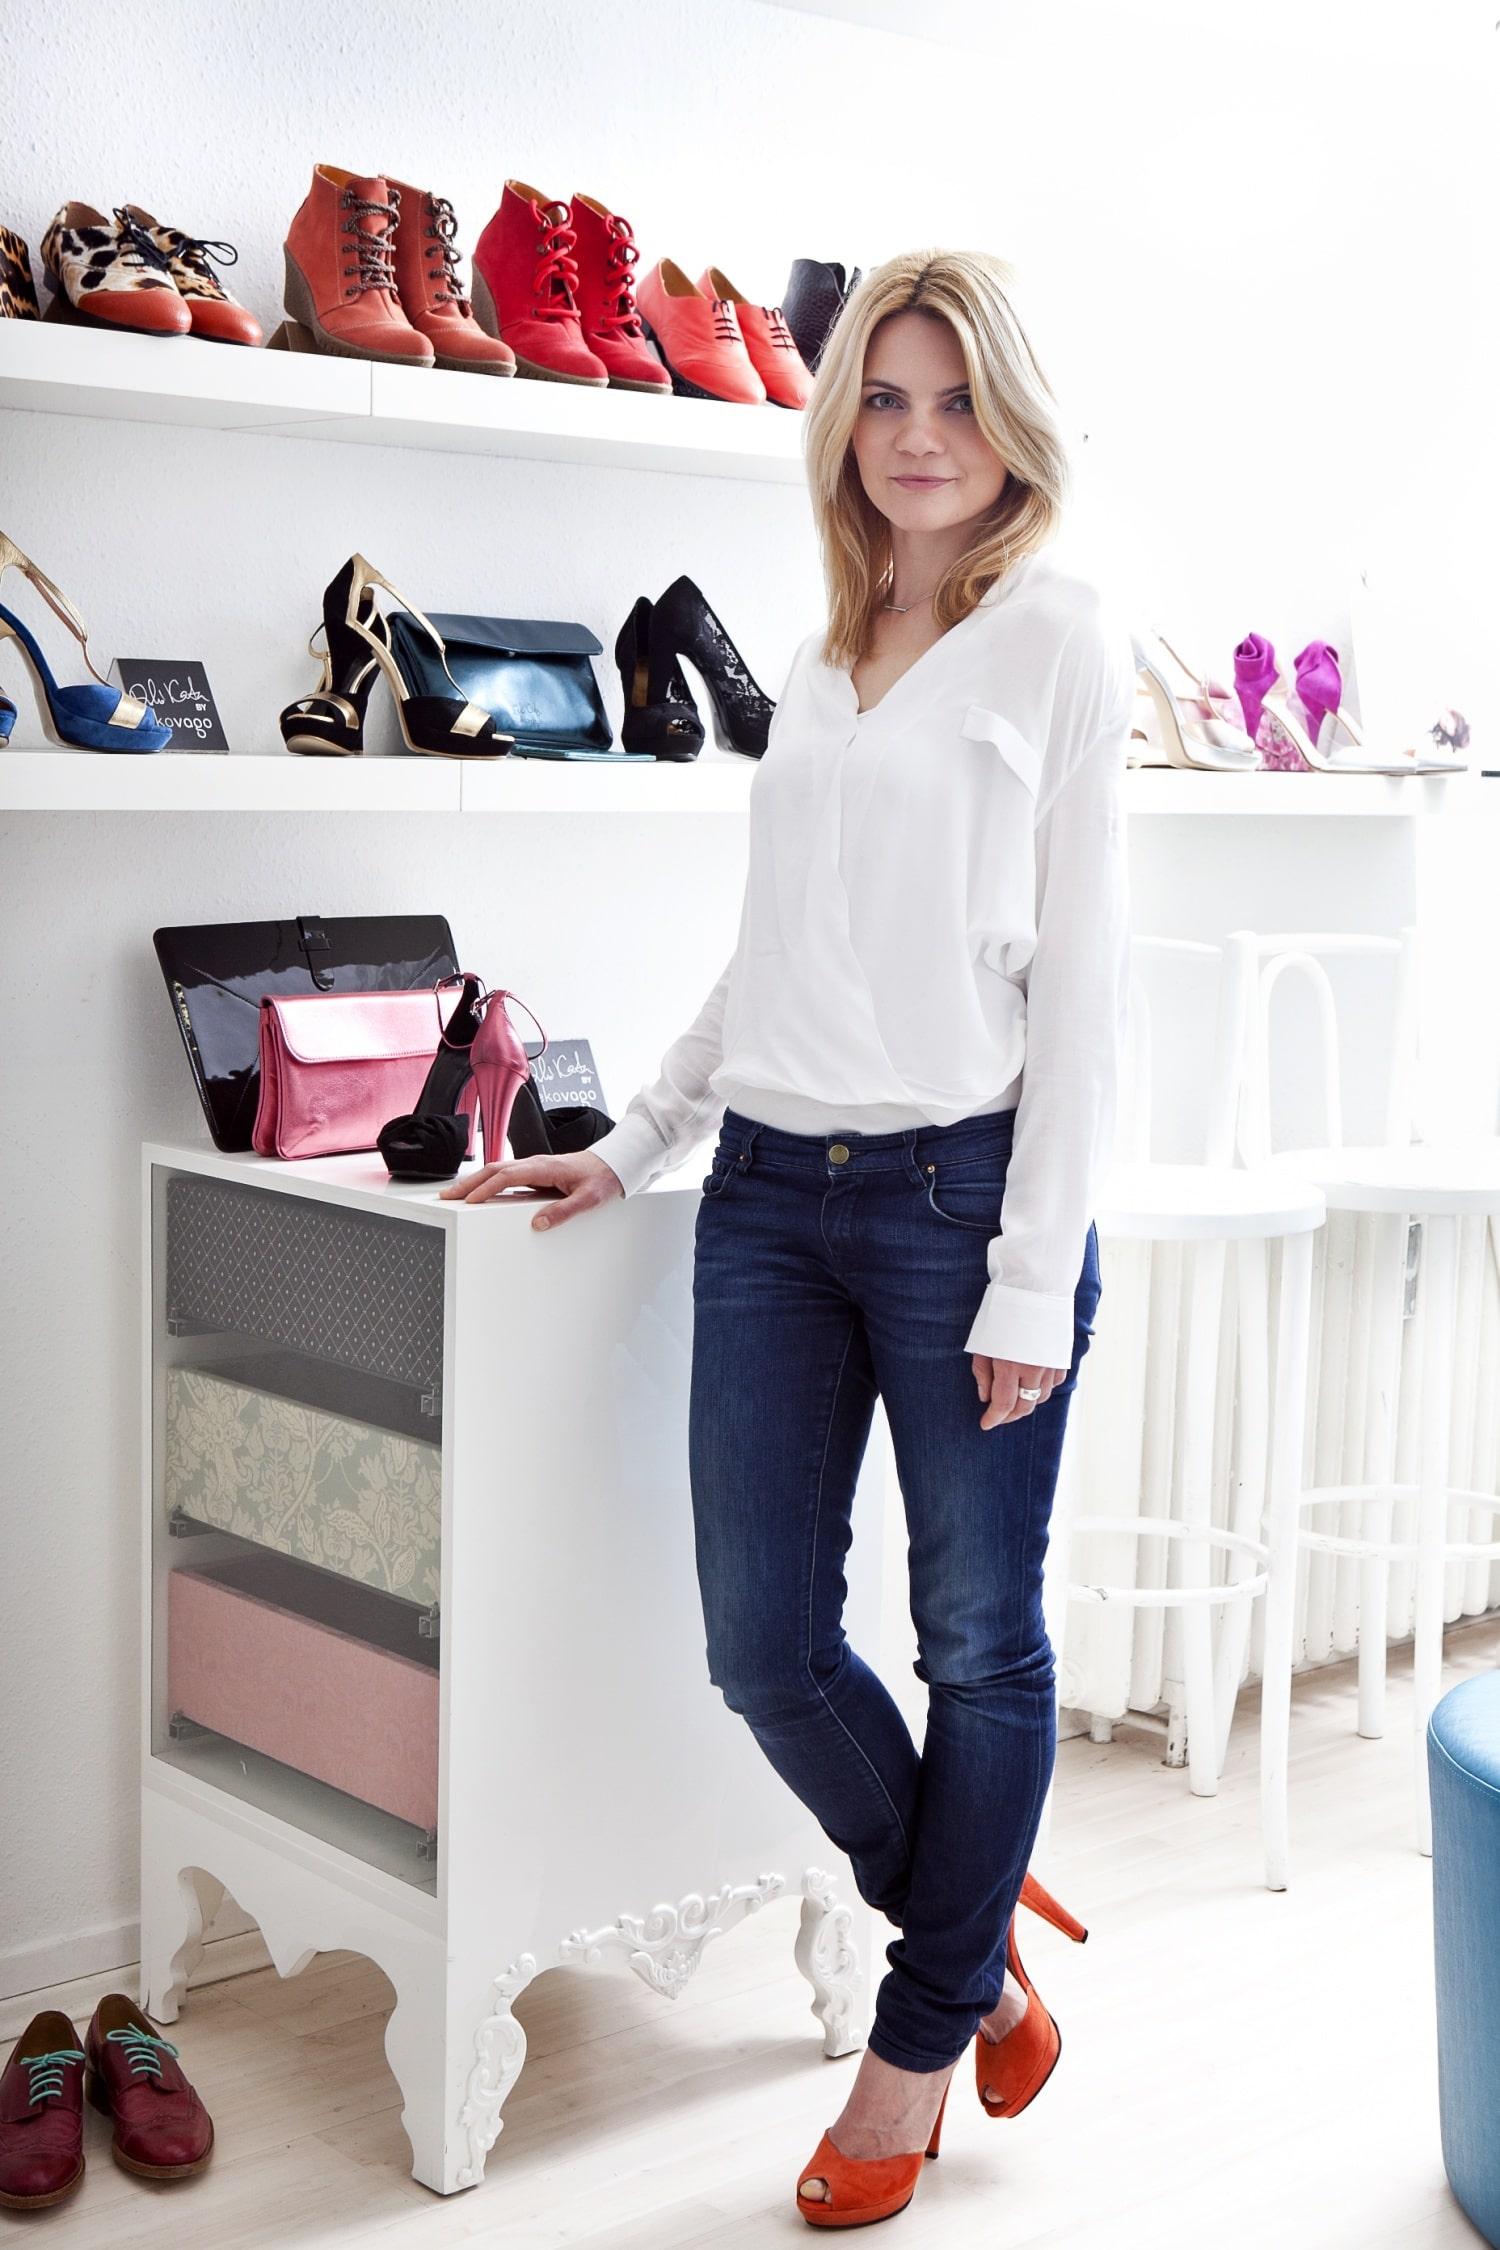 Az egyedi cipők világában – Interjú Vágó Réka cipőtervezővel